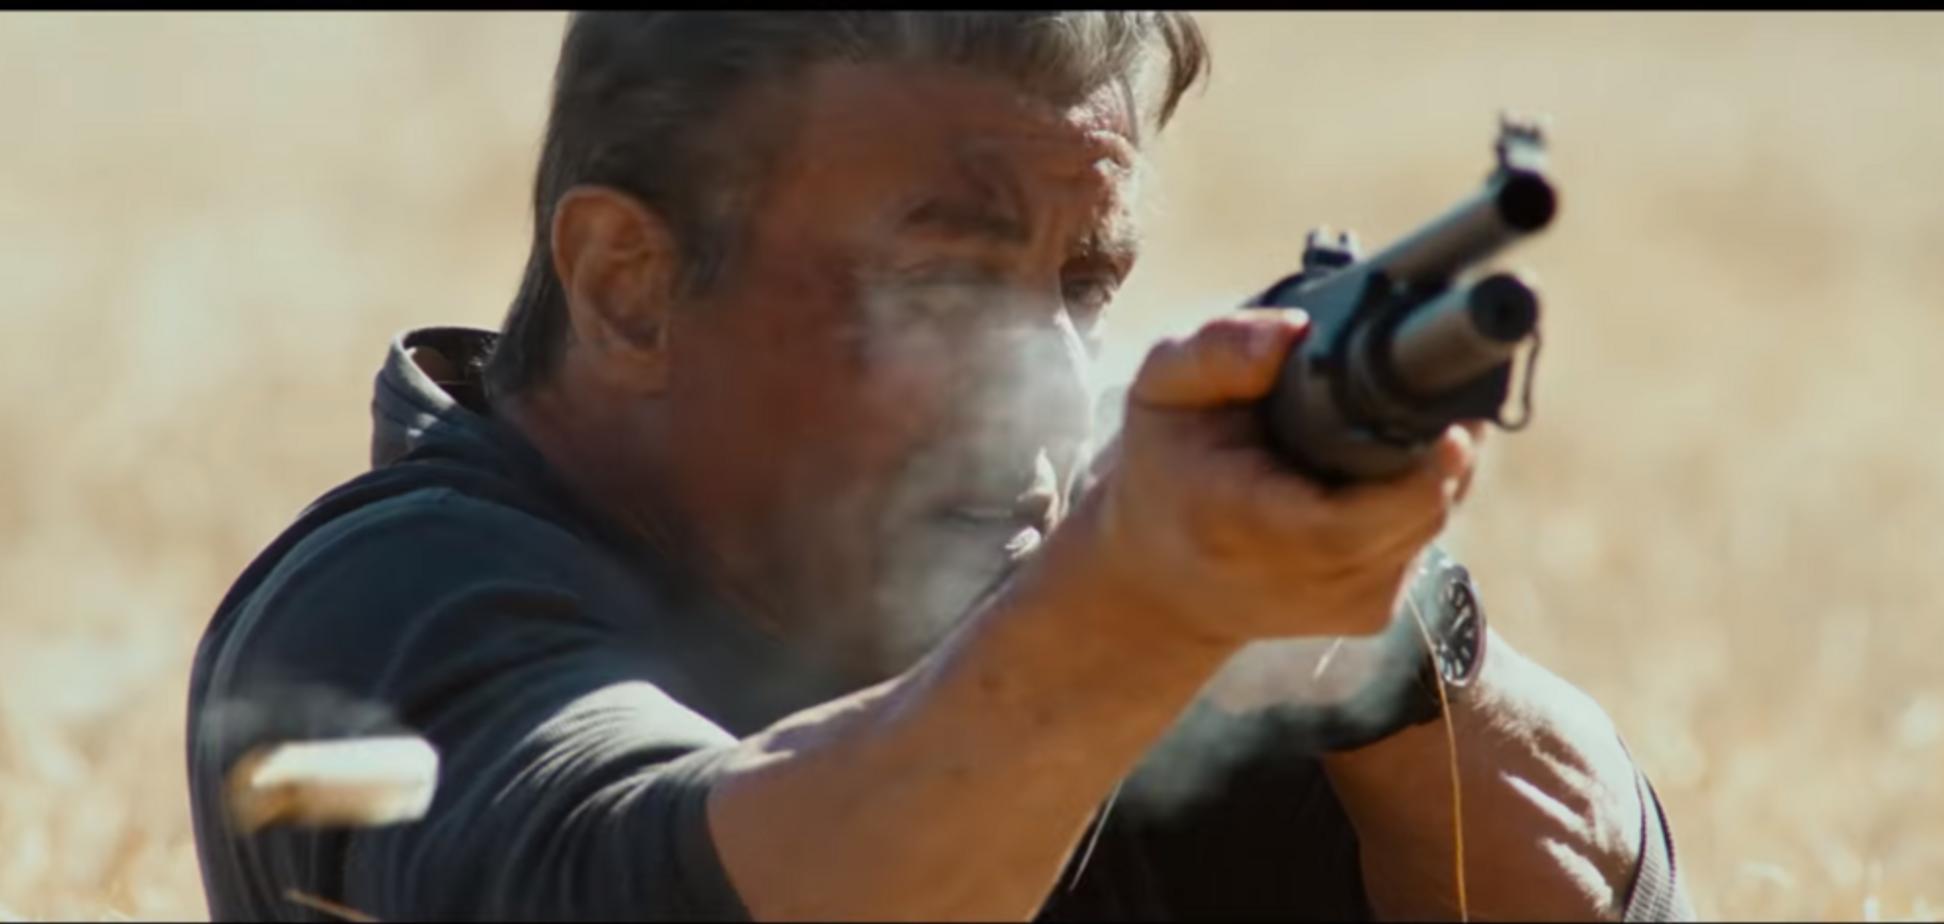 Взрывы и экшн: появился трейлер к последнему фильму о Рэмбо